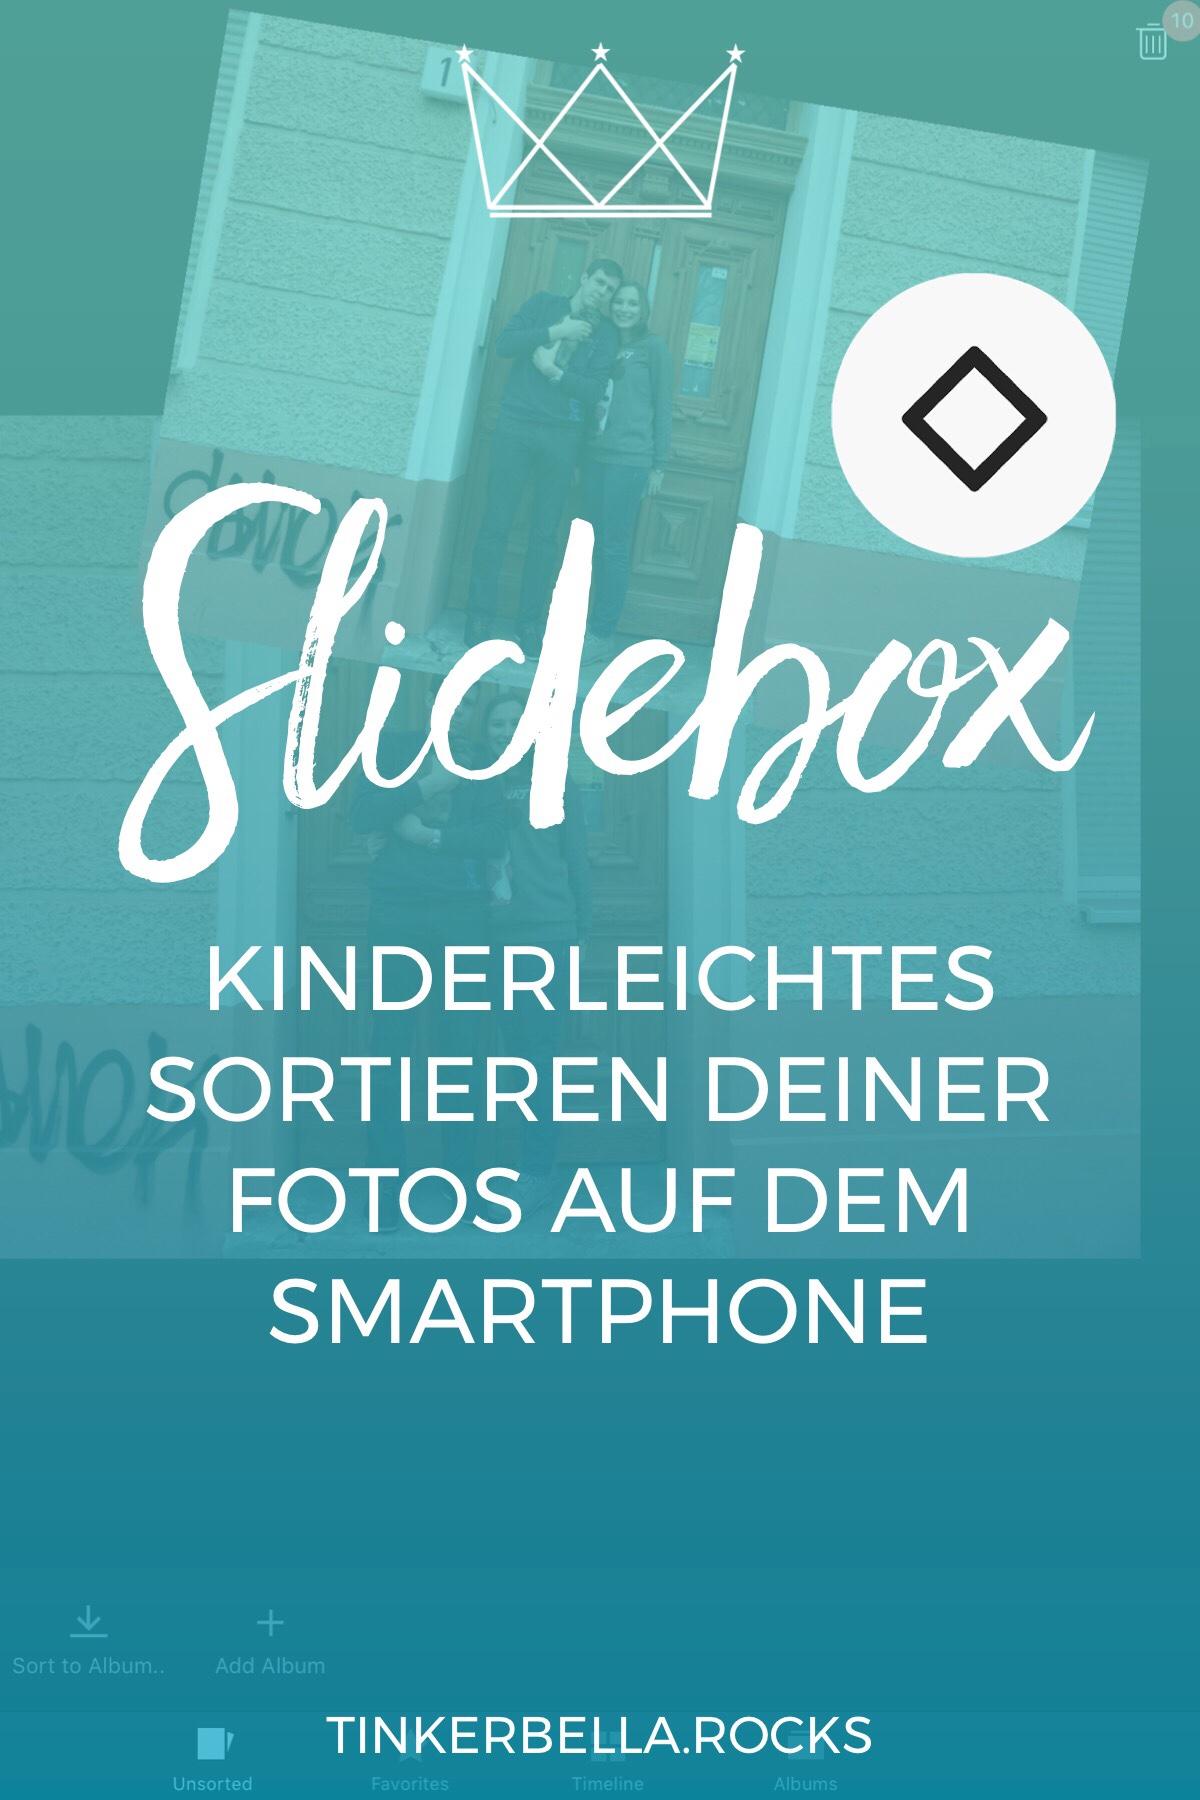 Slidebox - kinderleichtes Sortieren deiner Fotos auf dem Smartphone - Klick dich doch und bringe Ordnung in deine Kamerarolle